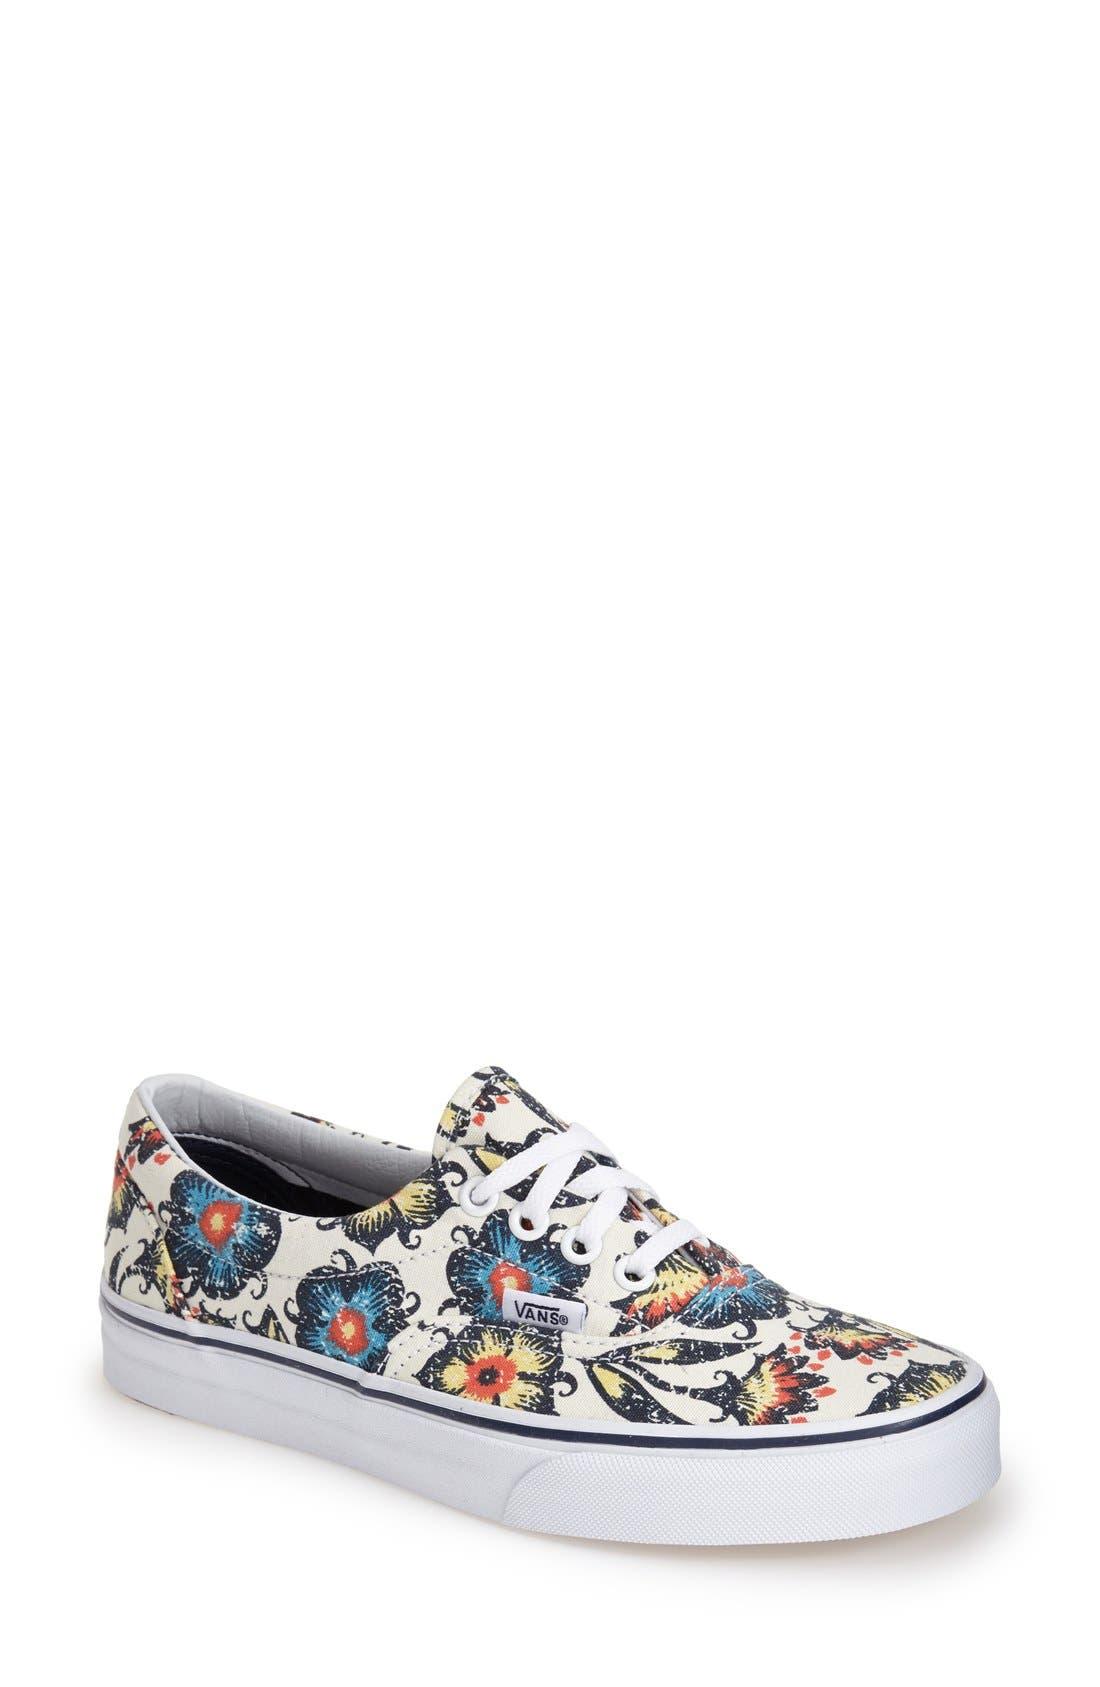 Main Image - Vans 'Era' Floral Print Sneaker (Women)